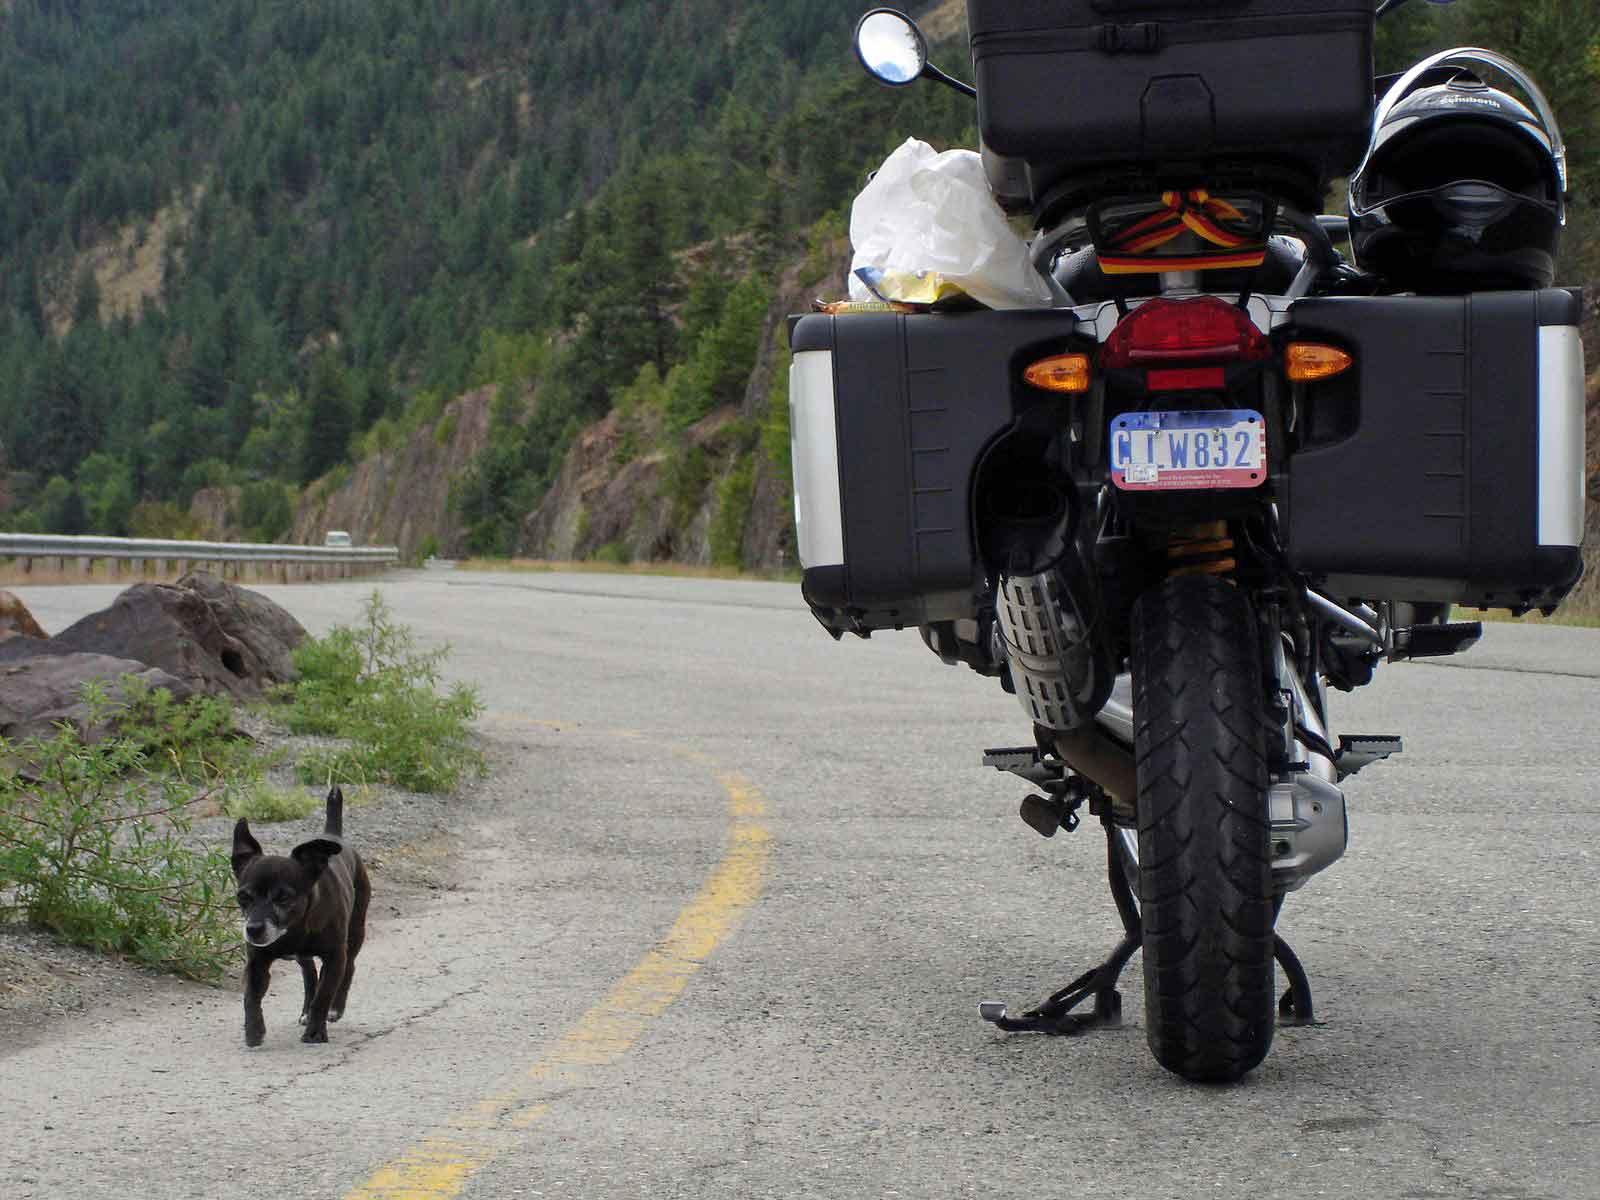 Bild von einer Pause im Clark Fork Valley Montana mit einem Motorrad und einem kleinen Hund bei einer Motorradtour durch die Rocky Mountains